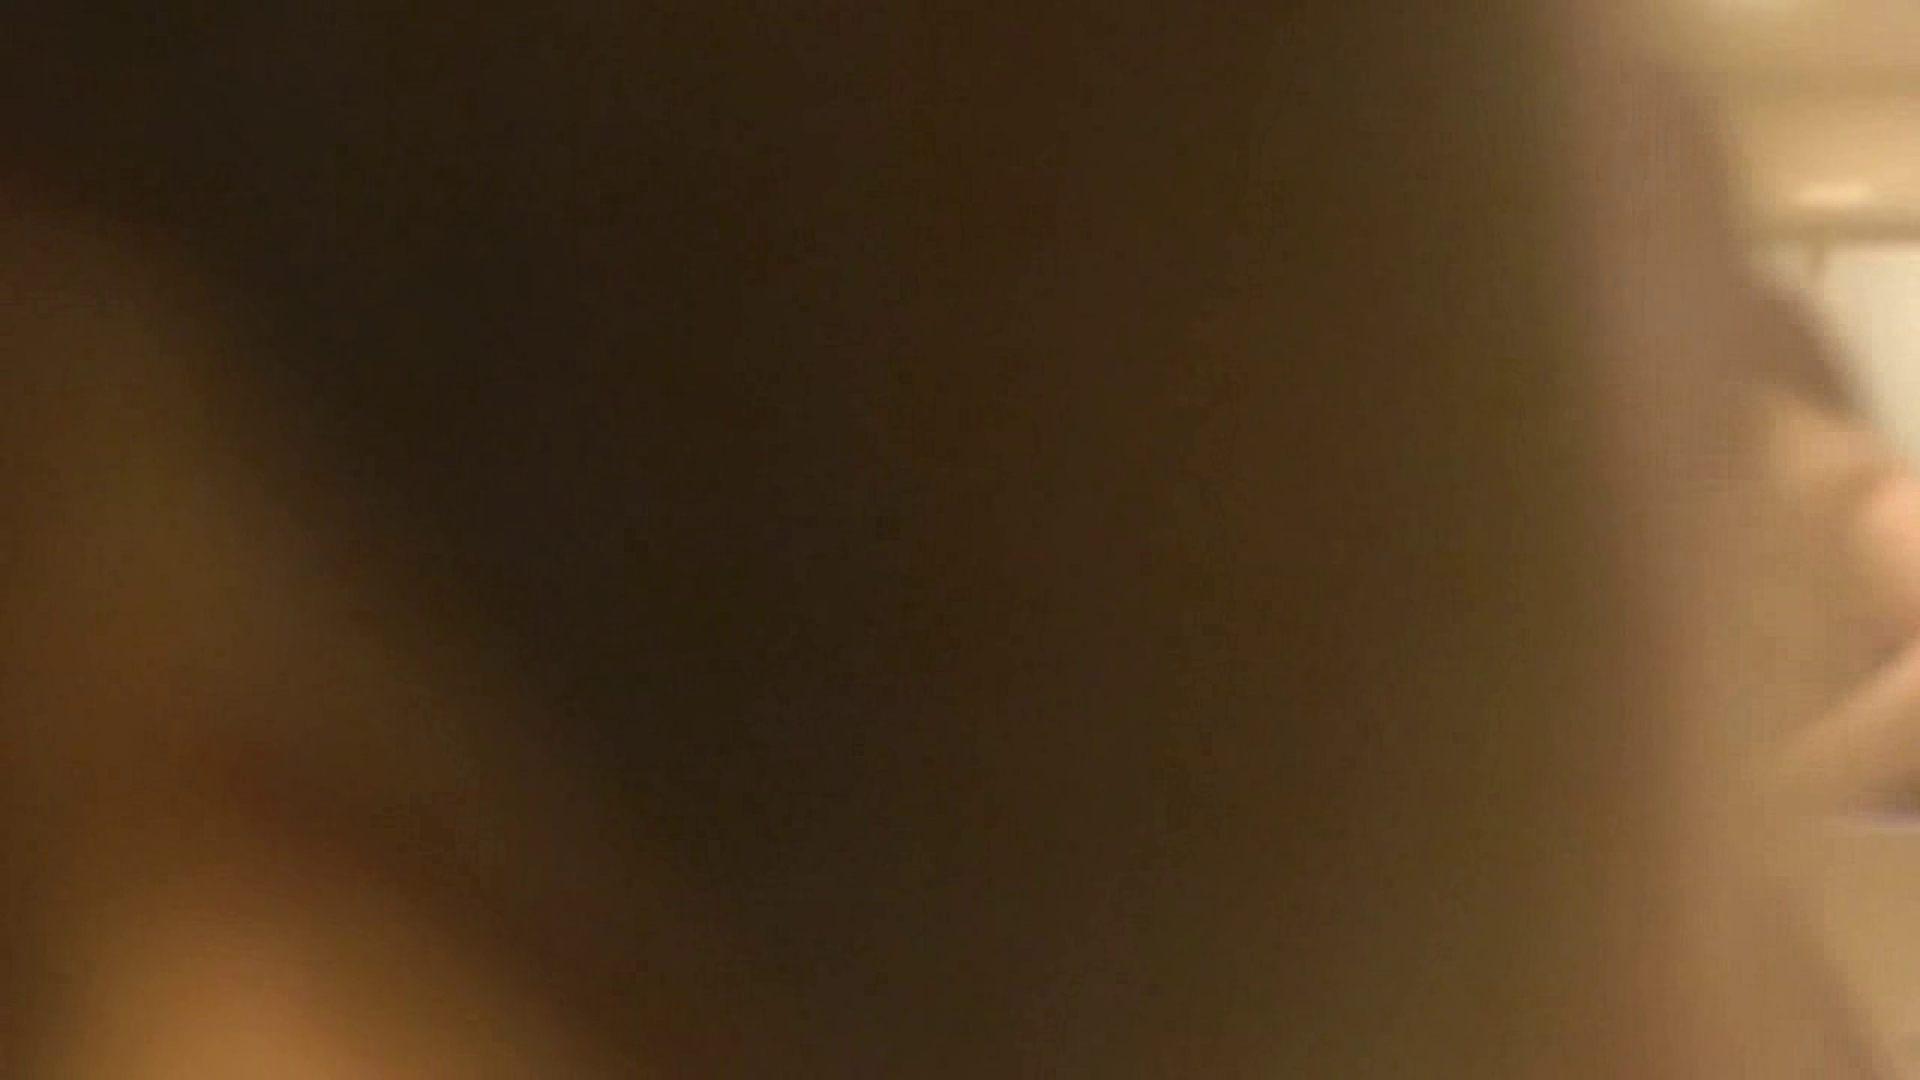 vol.1 Mayumi 窓越しに入浴シーン撮影に成功 入浴中の女性   OLのボディ  57PIX 1